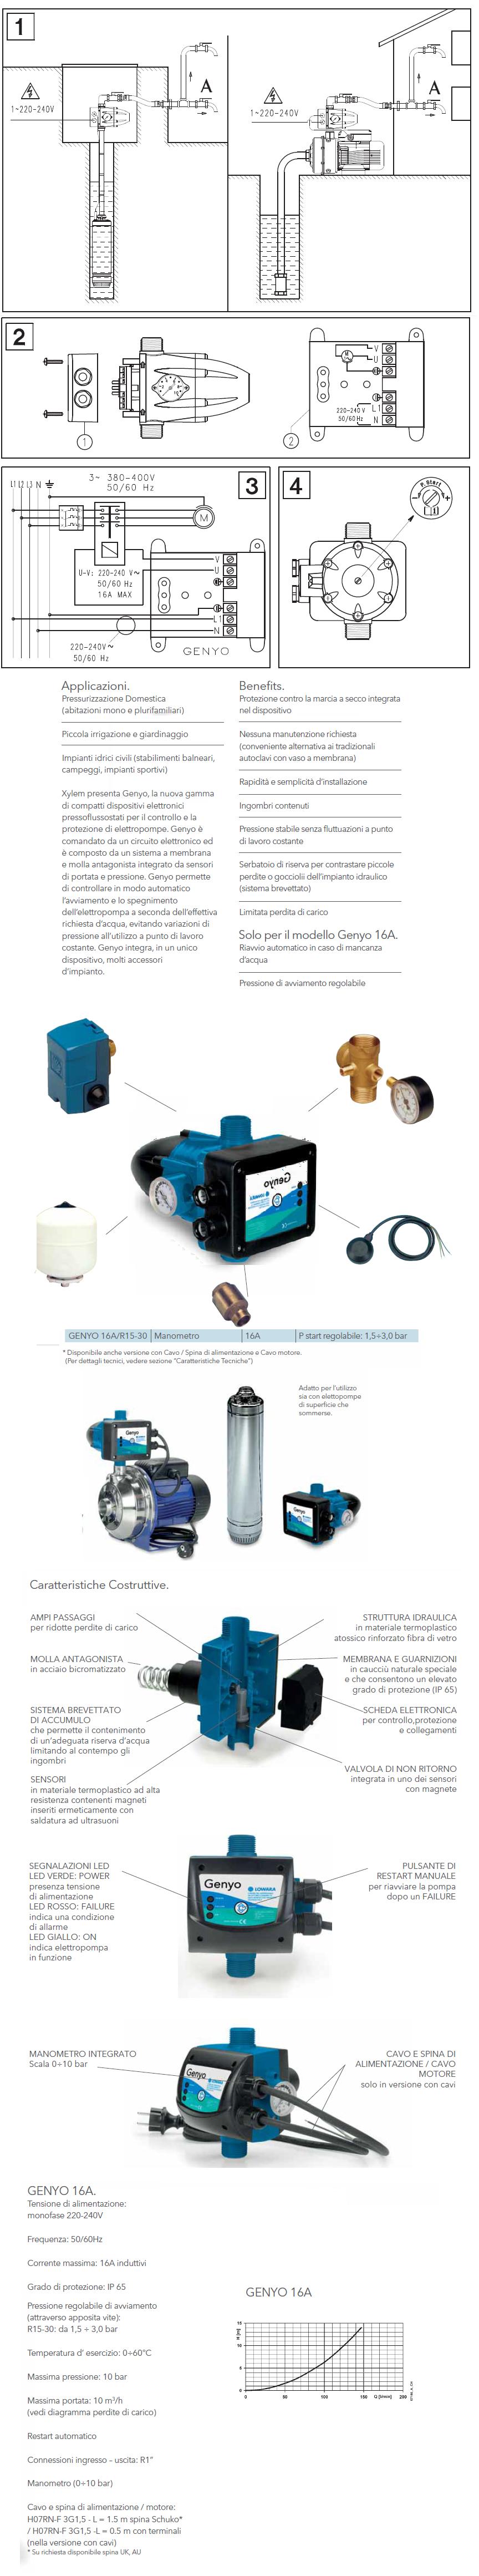 Serbatoio pressione acqua hook up